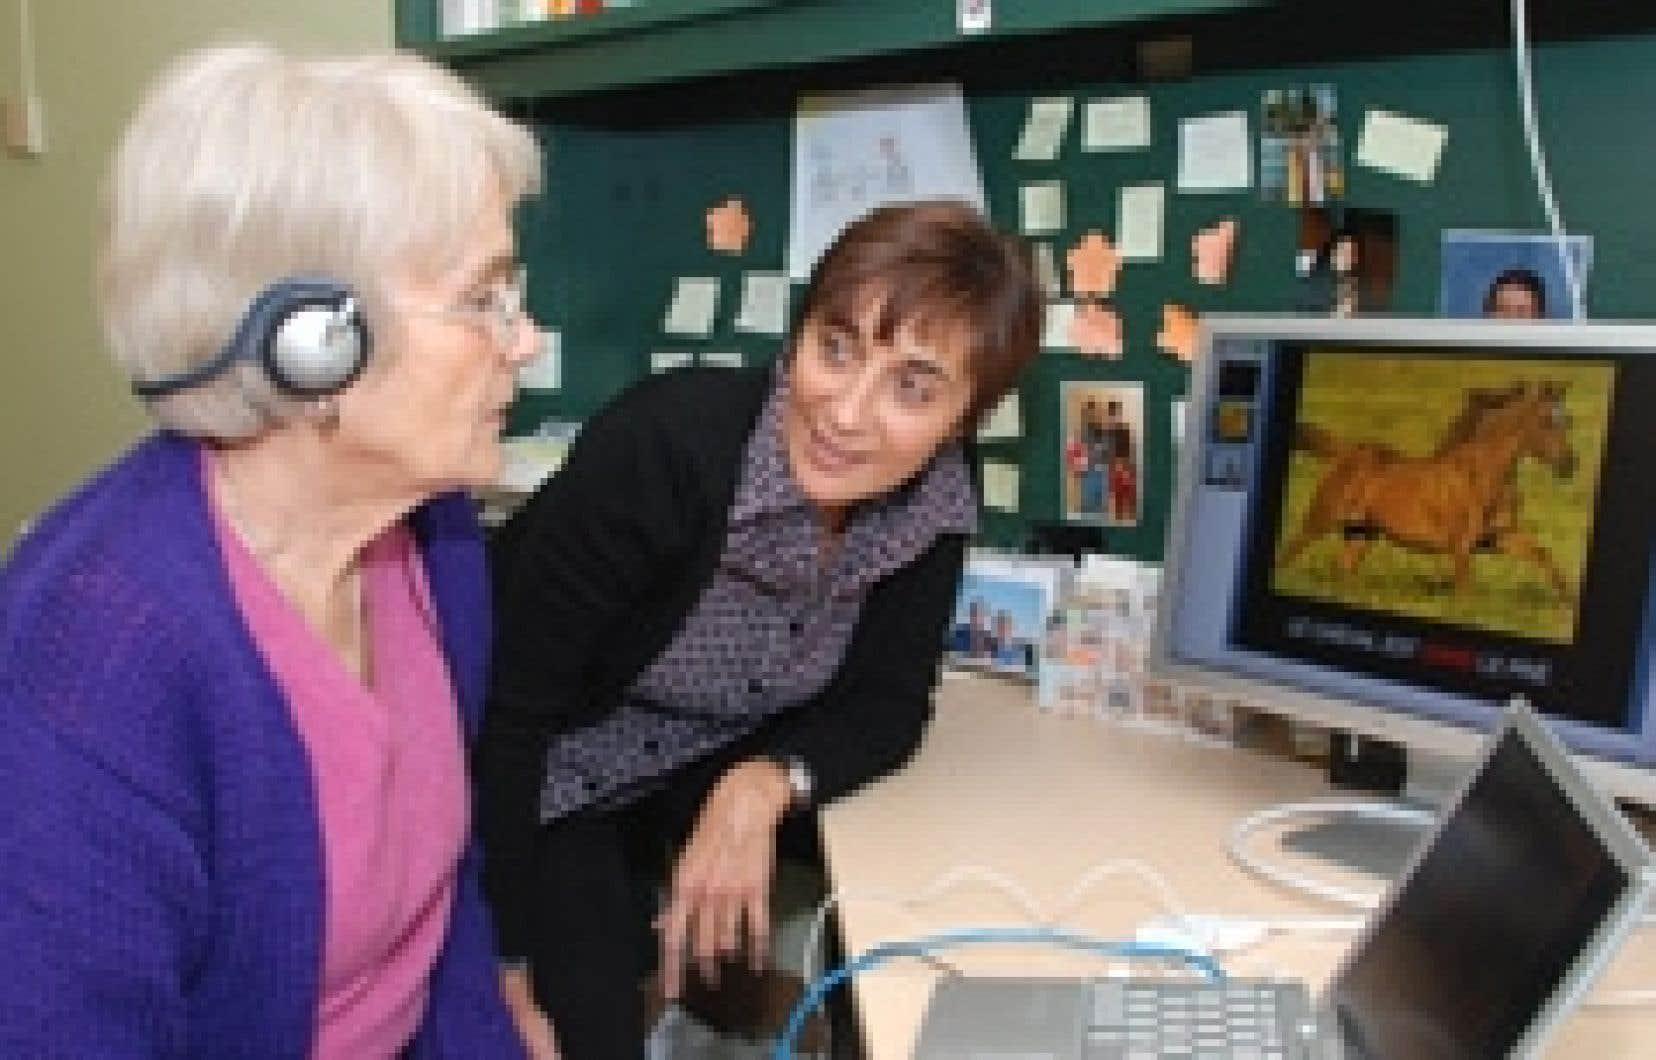 La Dre Ana Ines Ansaldo mène une étude sur l'apprentissage d'une langue seconde dans laquelle elle compare de jeunes adultes autour de la vingtaine à des personnes âgées de plus de 65 ans.